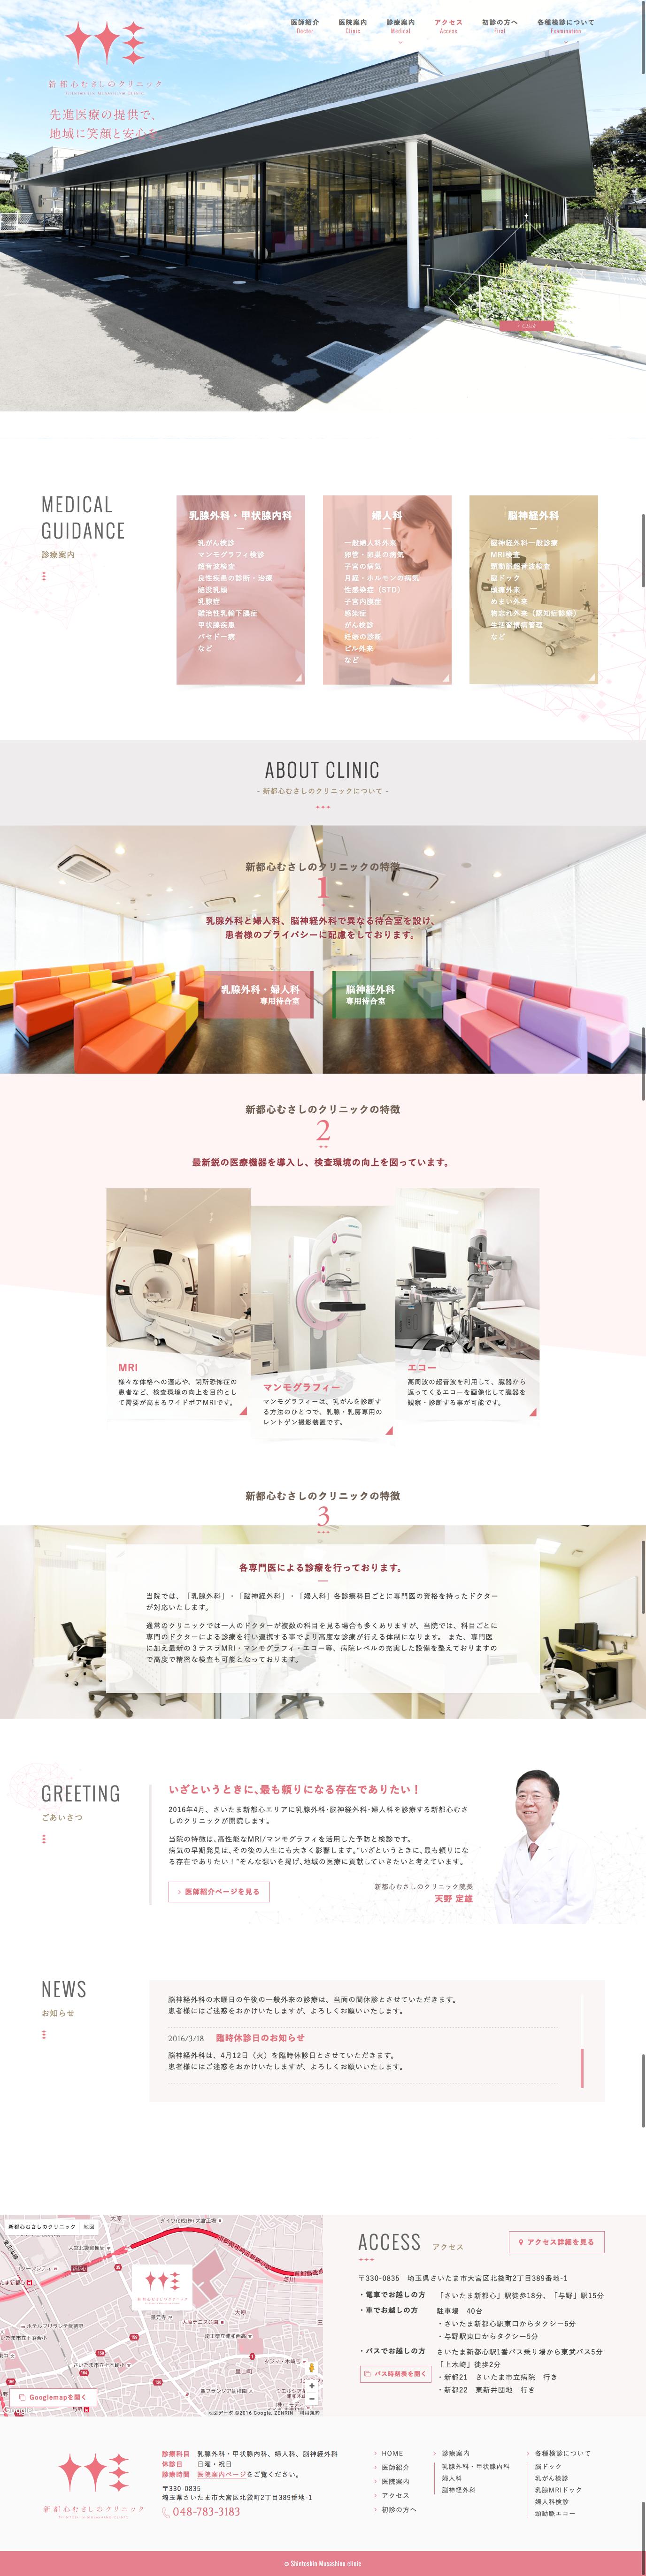 新都心むさしのクリニック ピンク・病院・癒し・かわいい | web